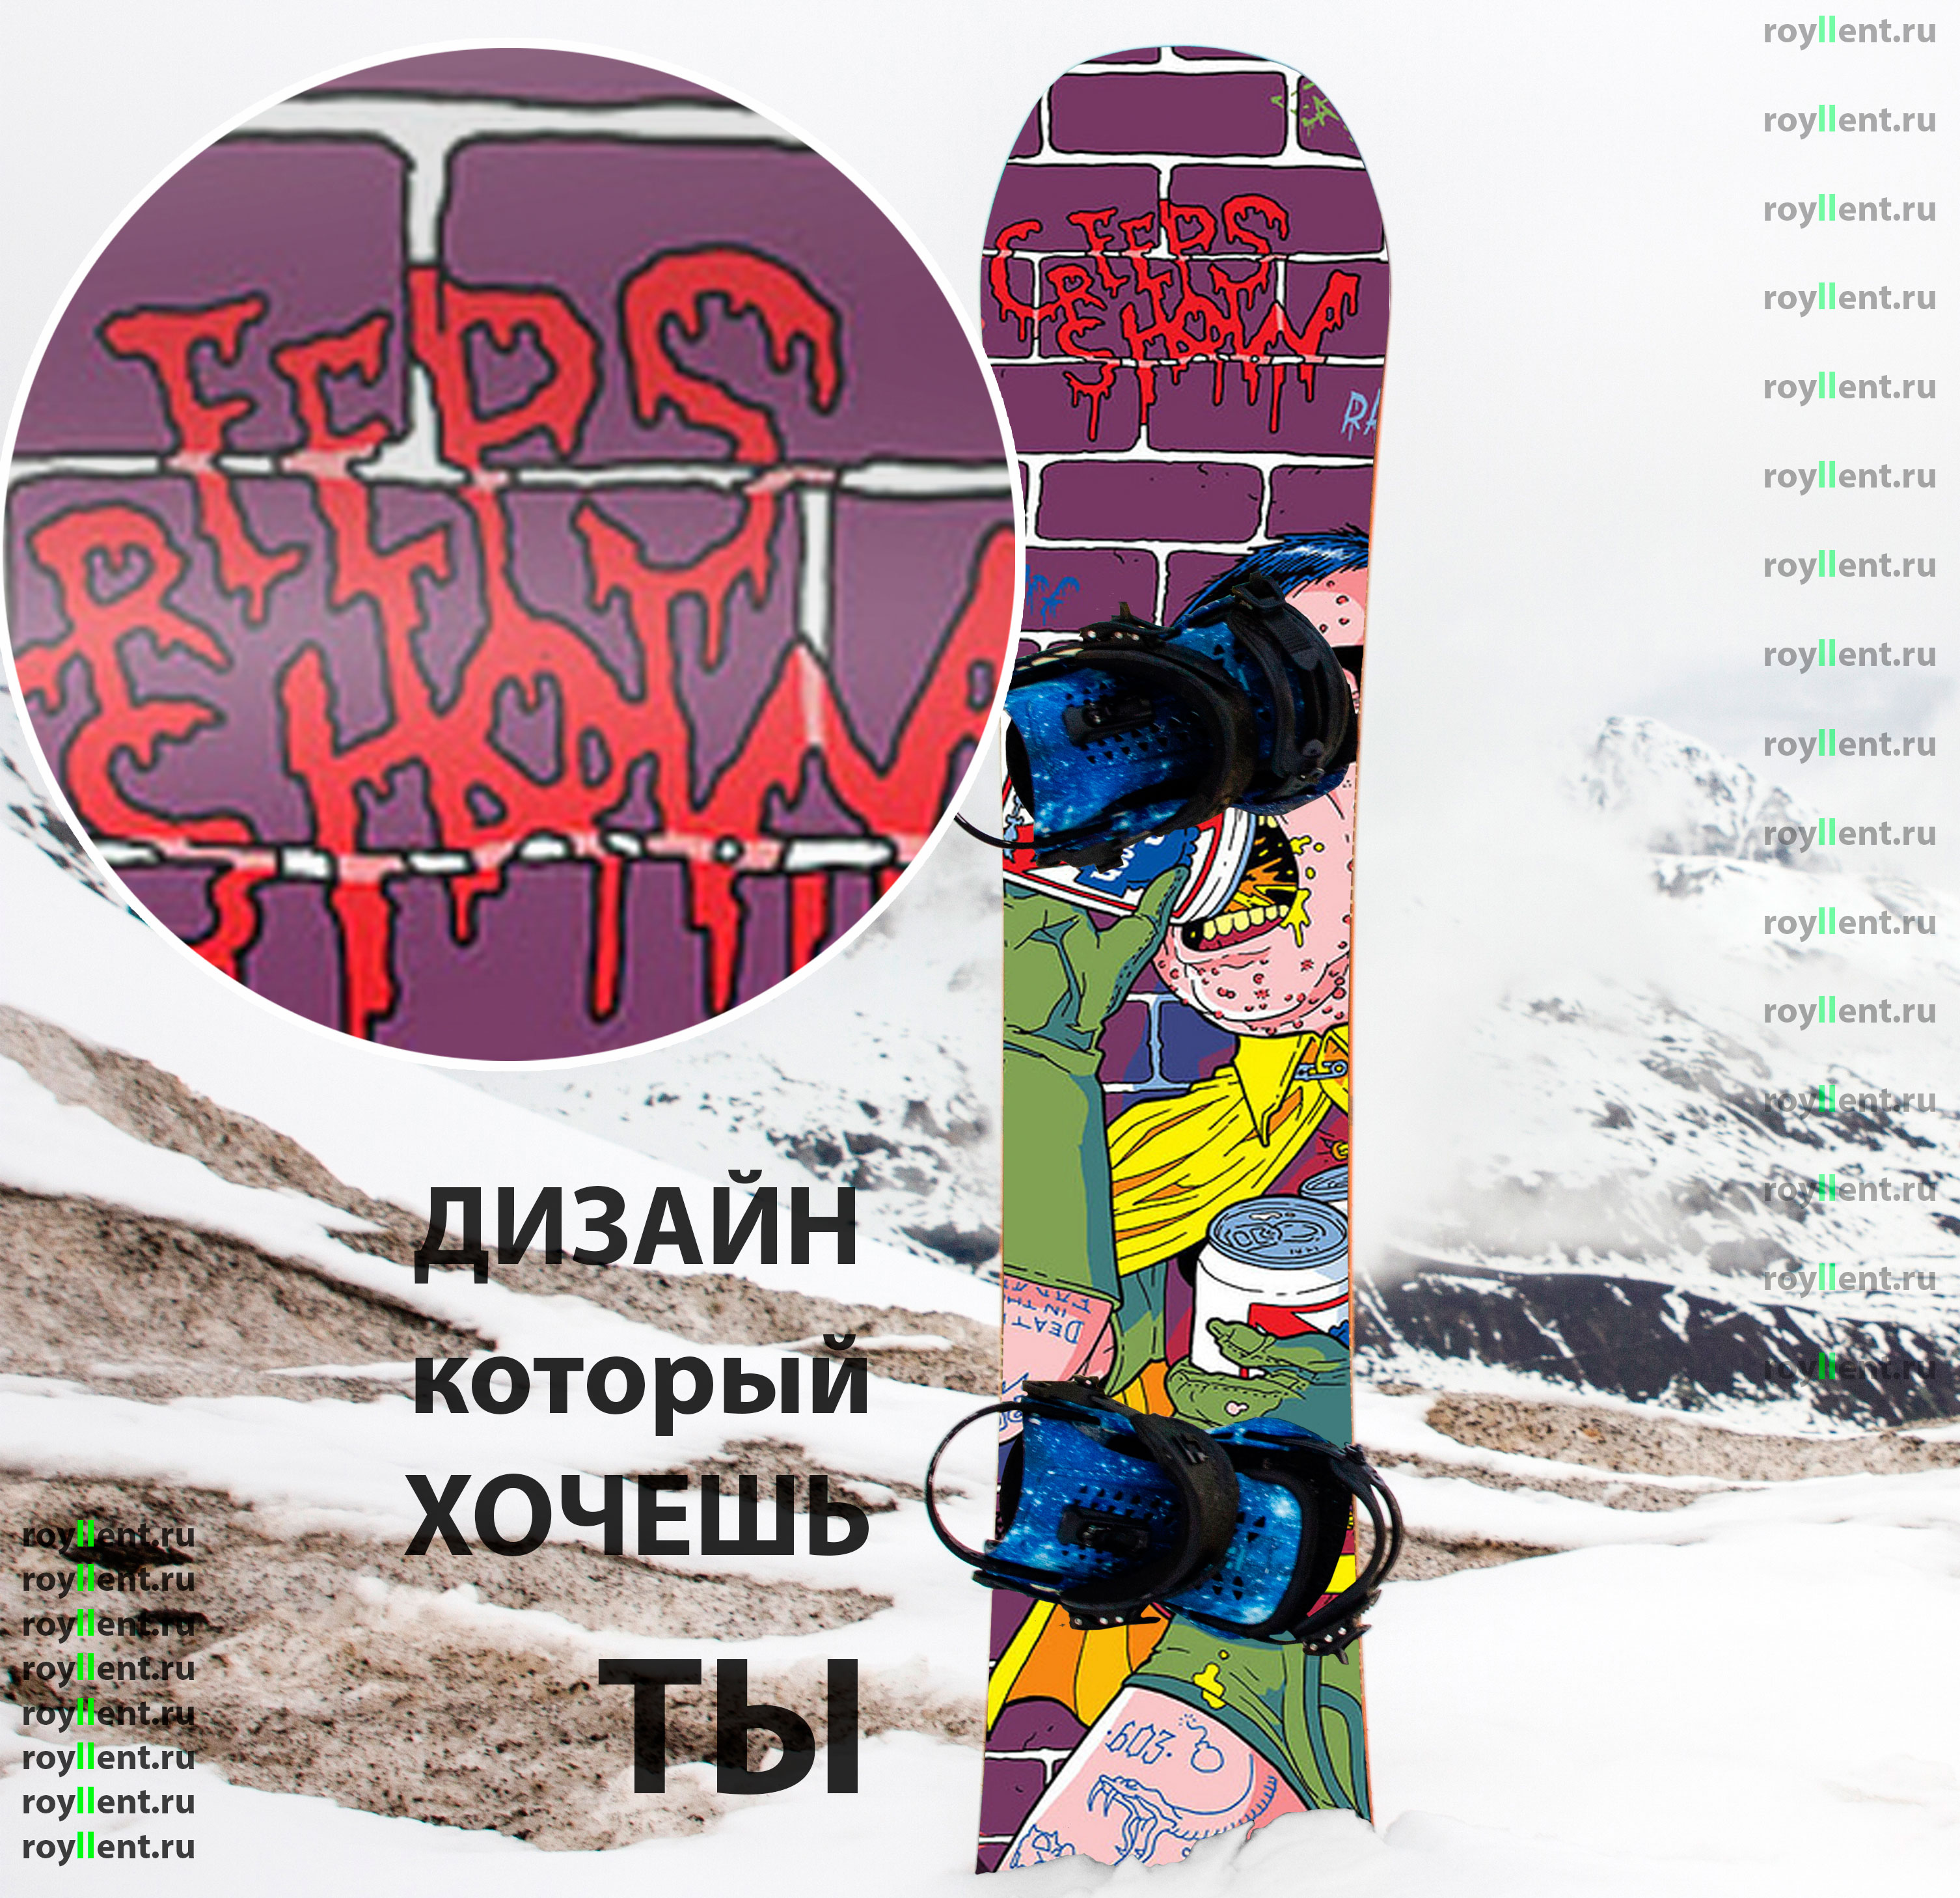 Купить наклейку виниловую на сноуборд недорого с доставкой по России